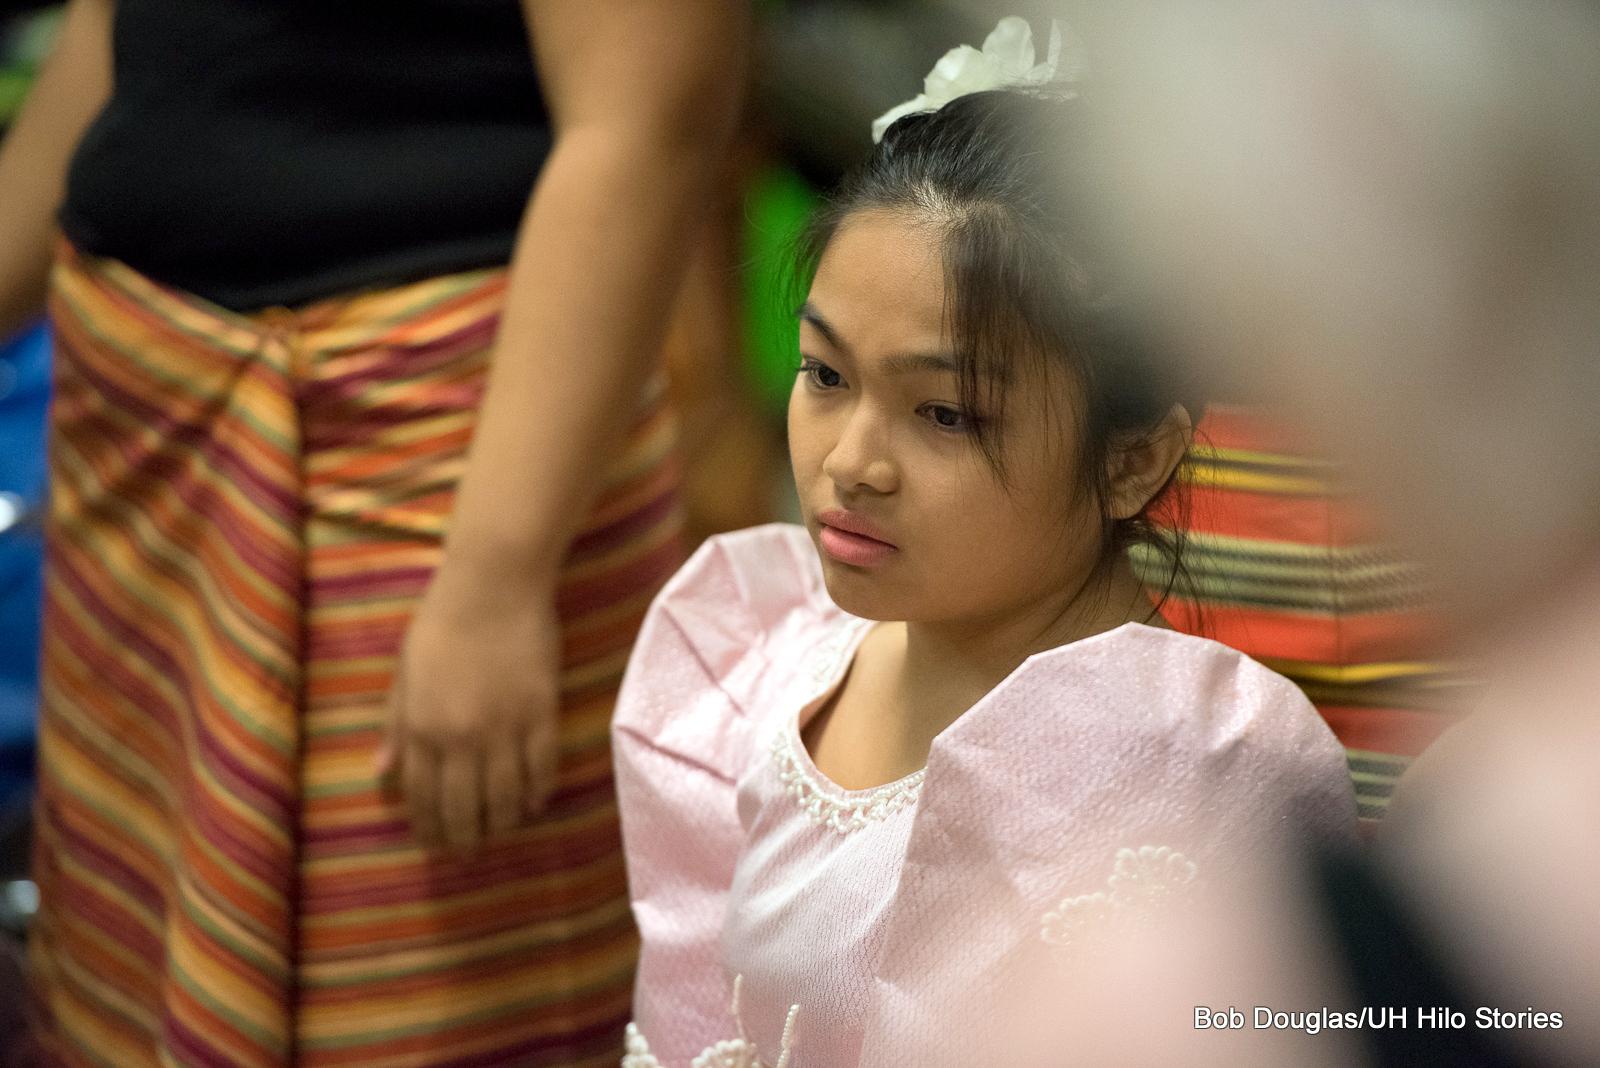 Young girl in Filipino attire.